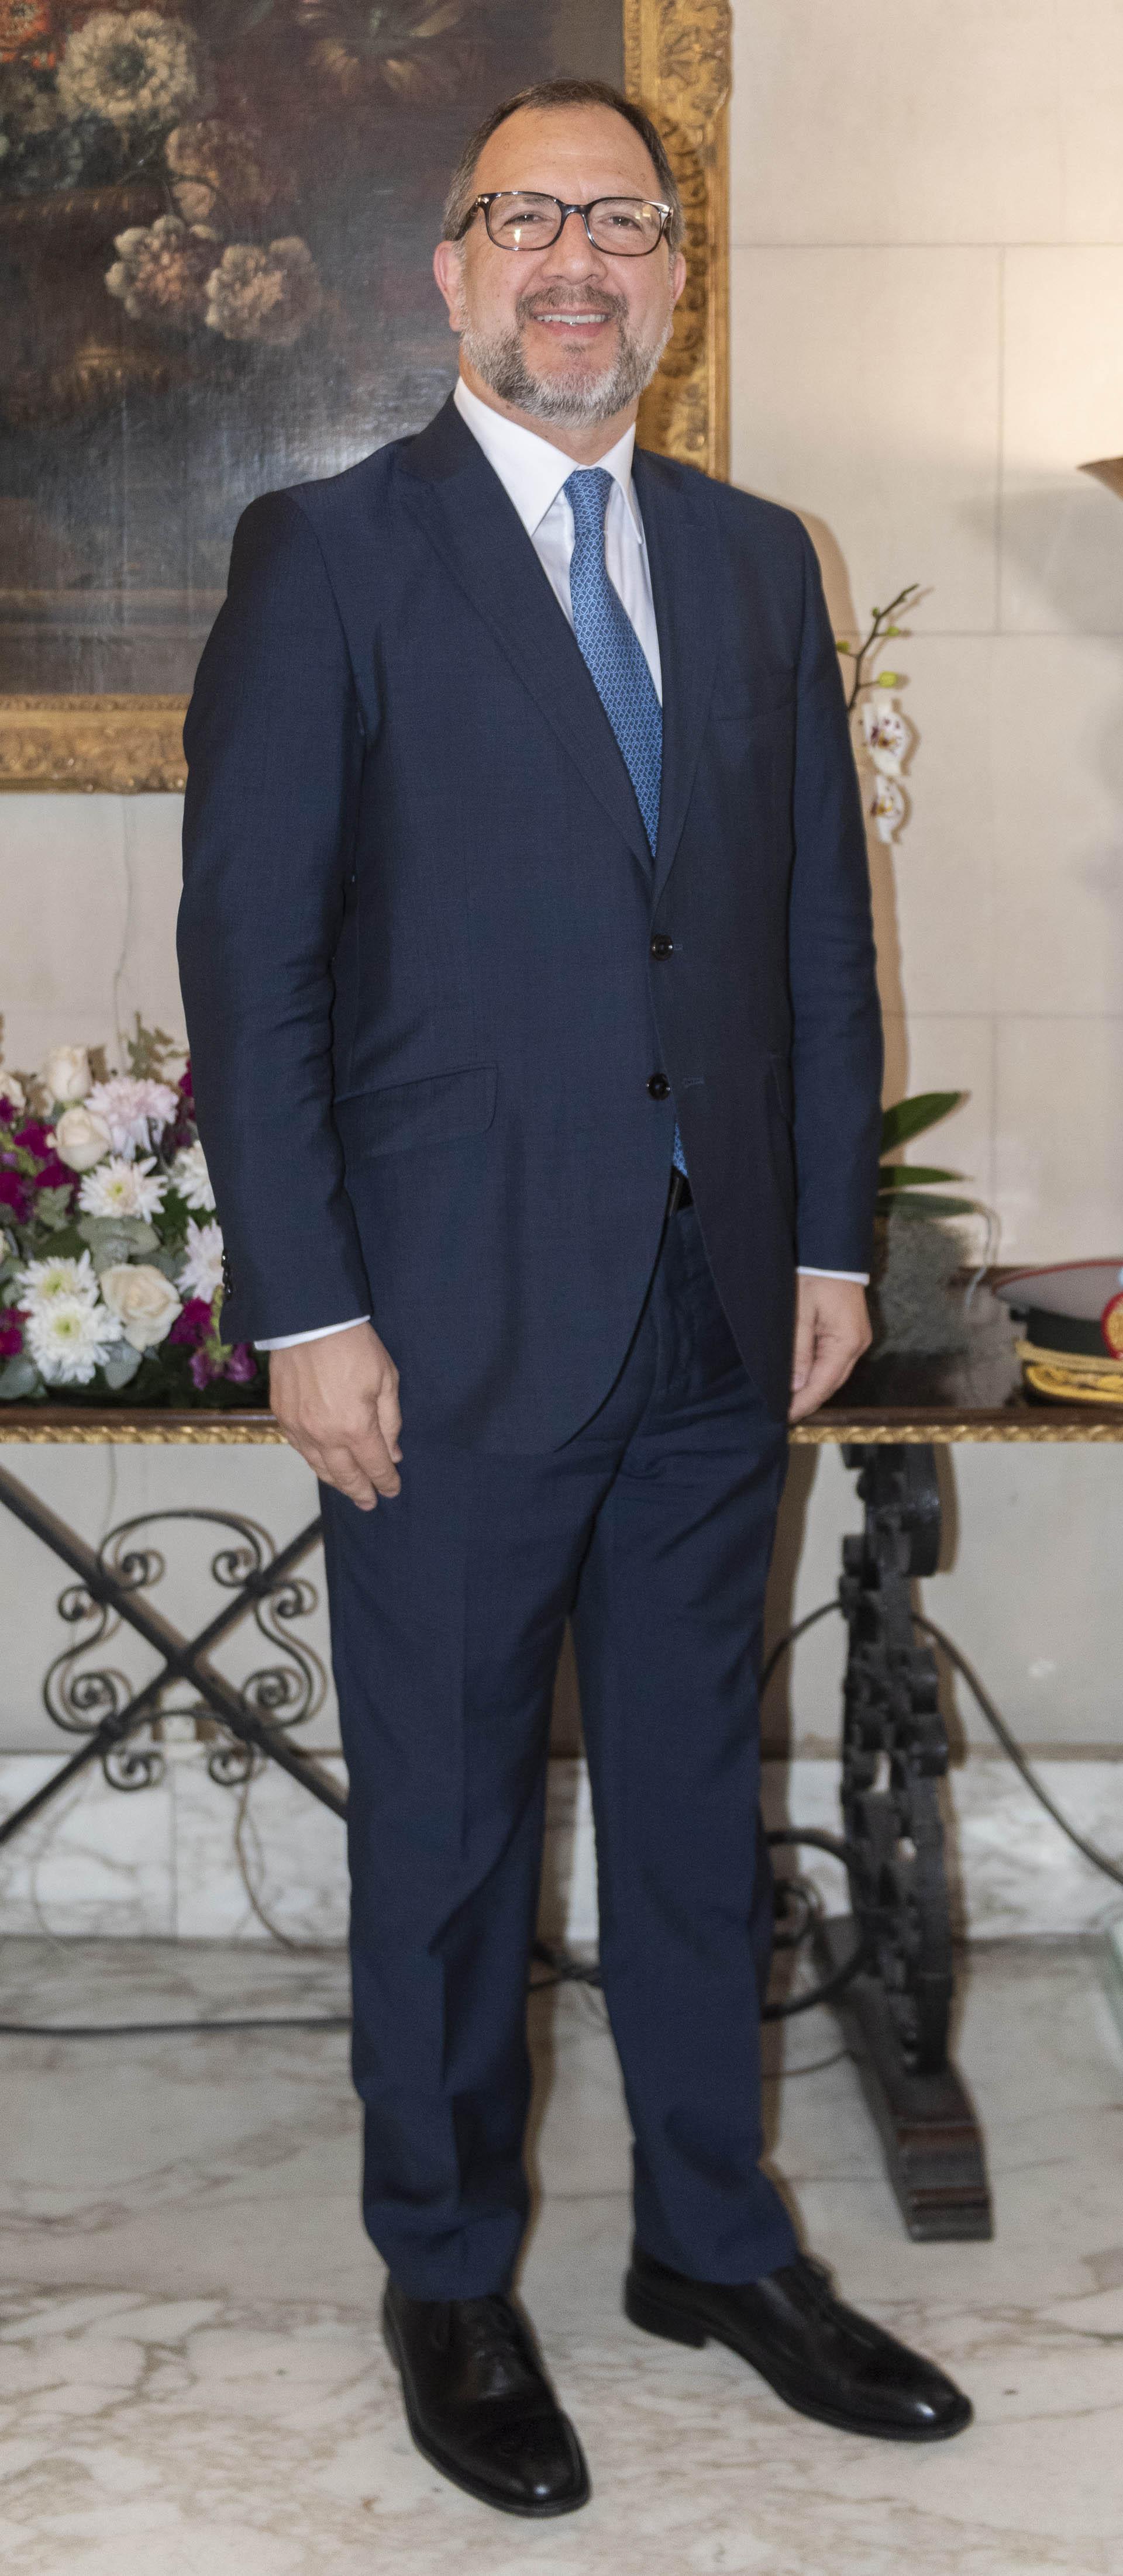 Fabián Perechodnik,secretario general de la Gobernación bonaerense